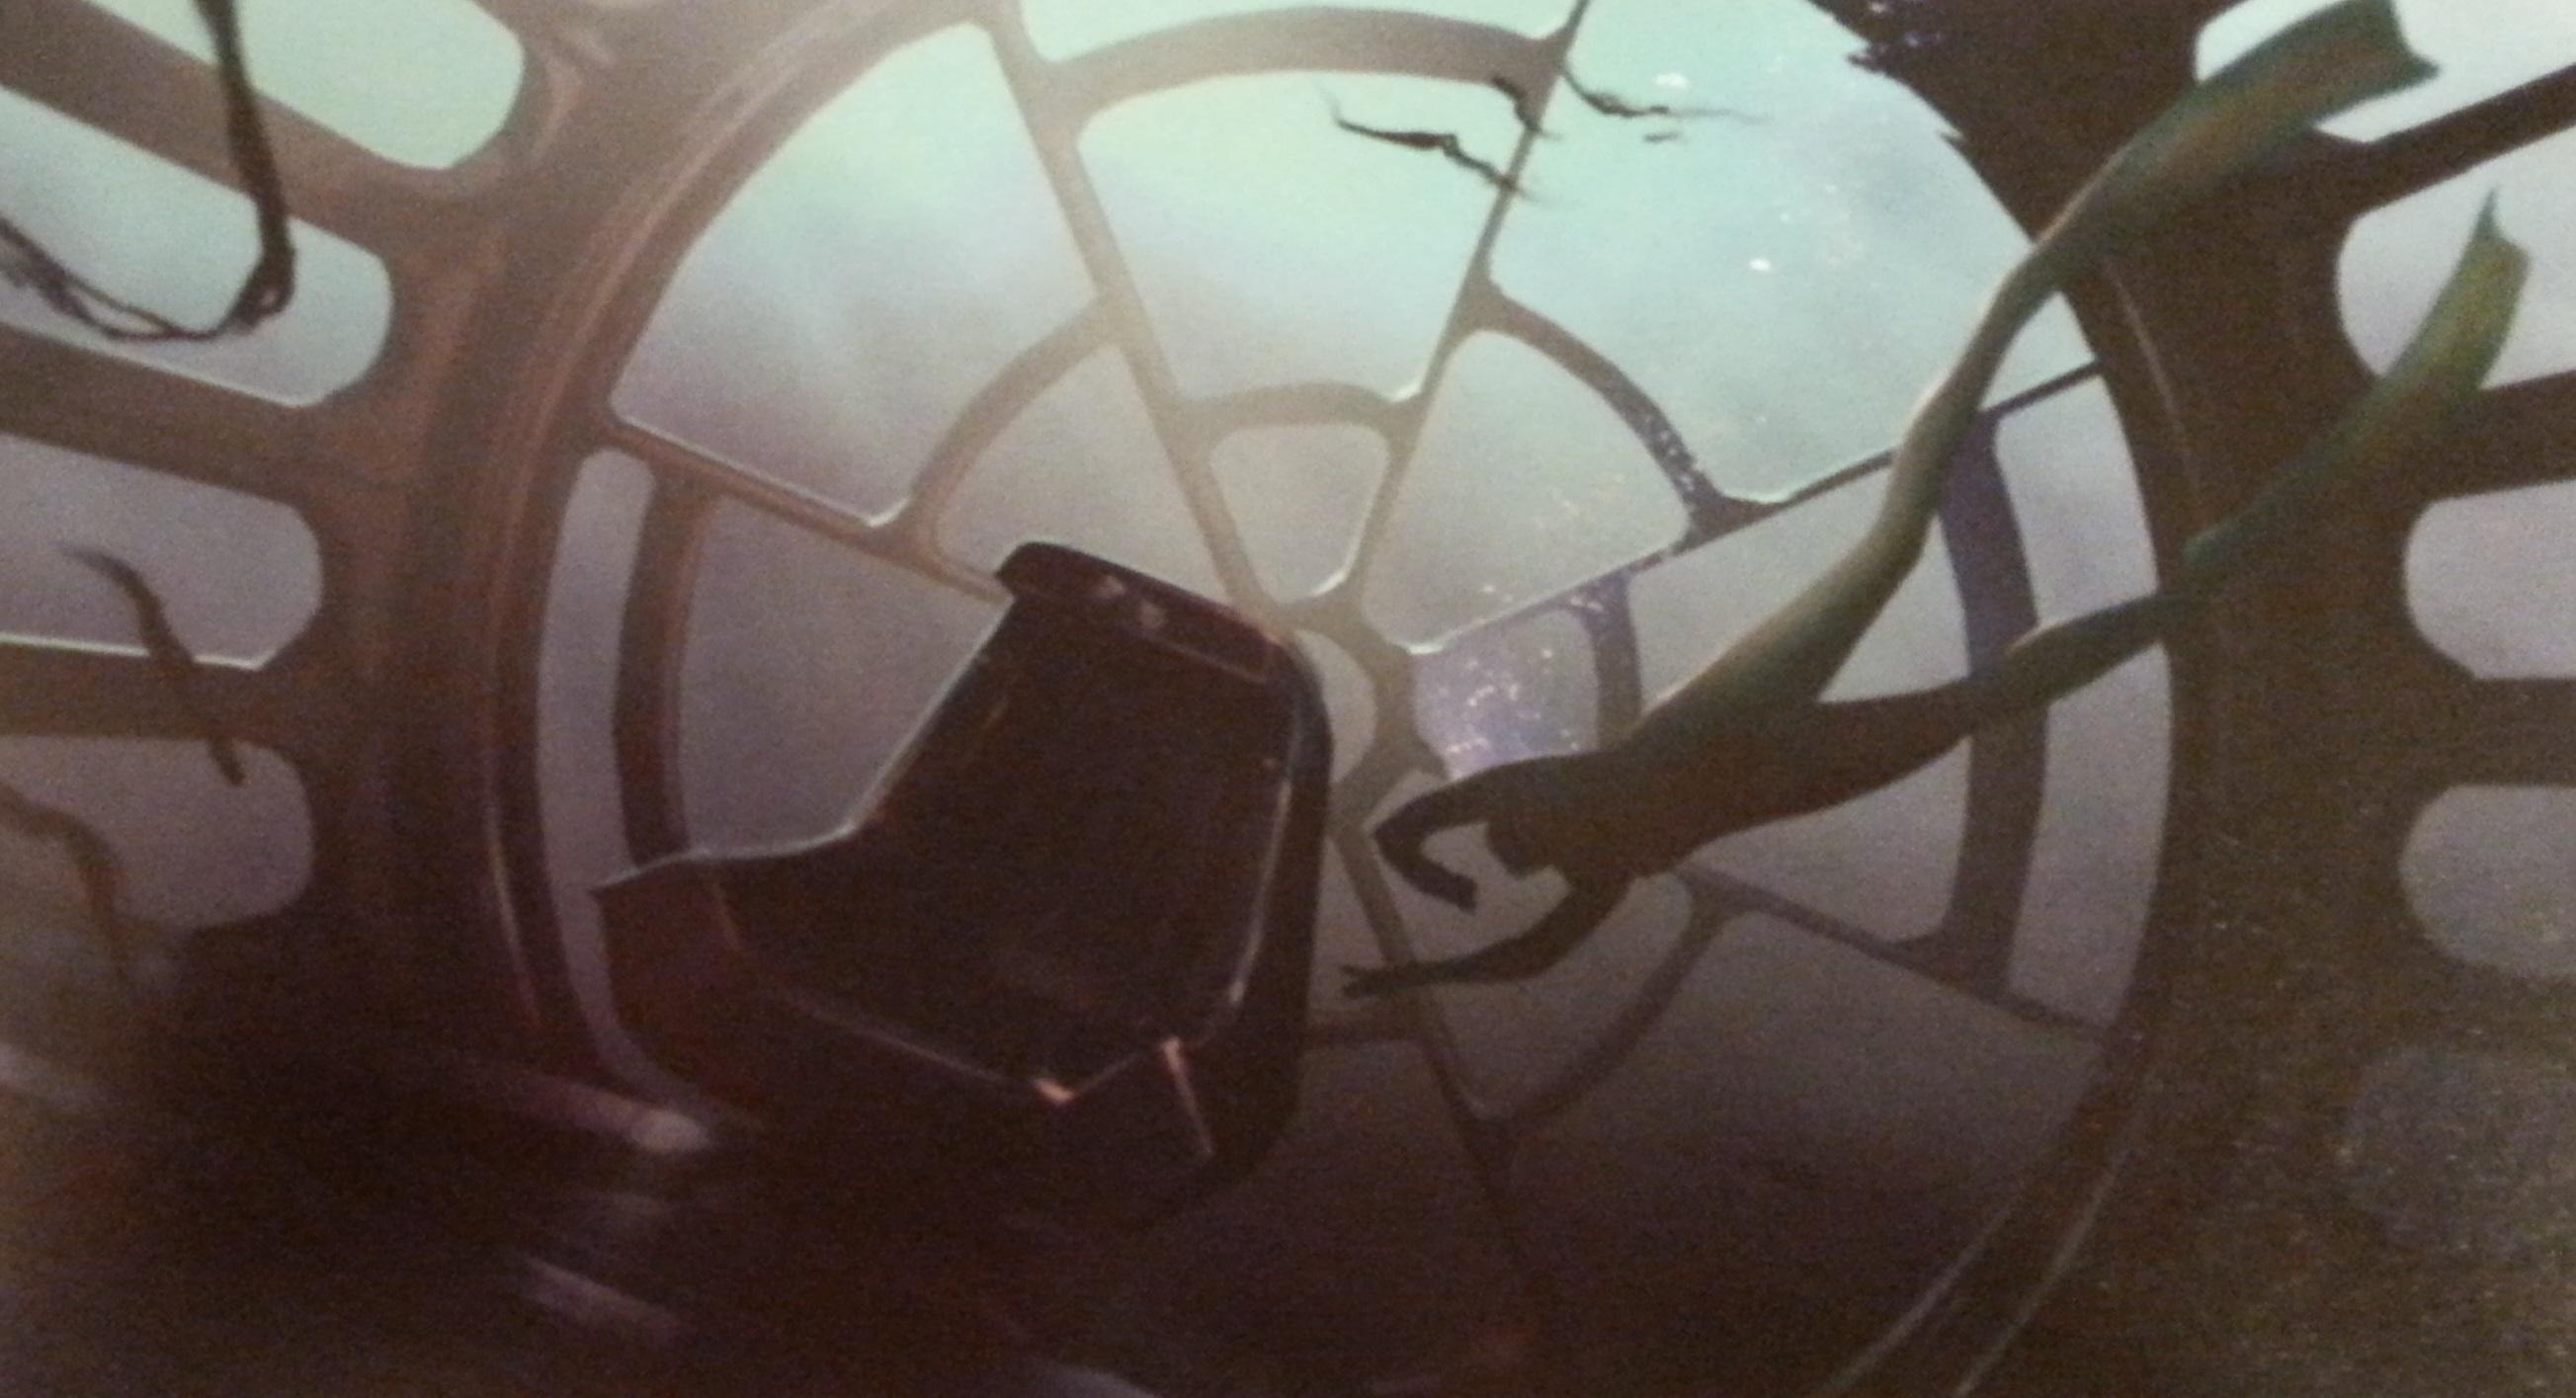 04-13 Emperor's Throne Room Underwater